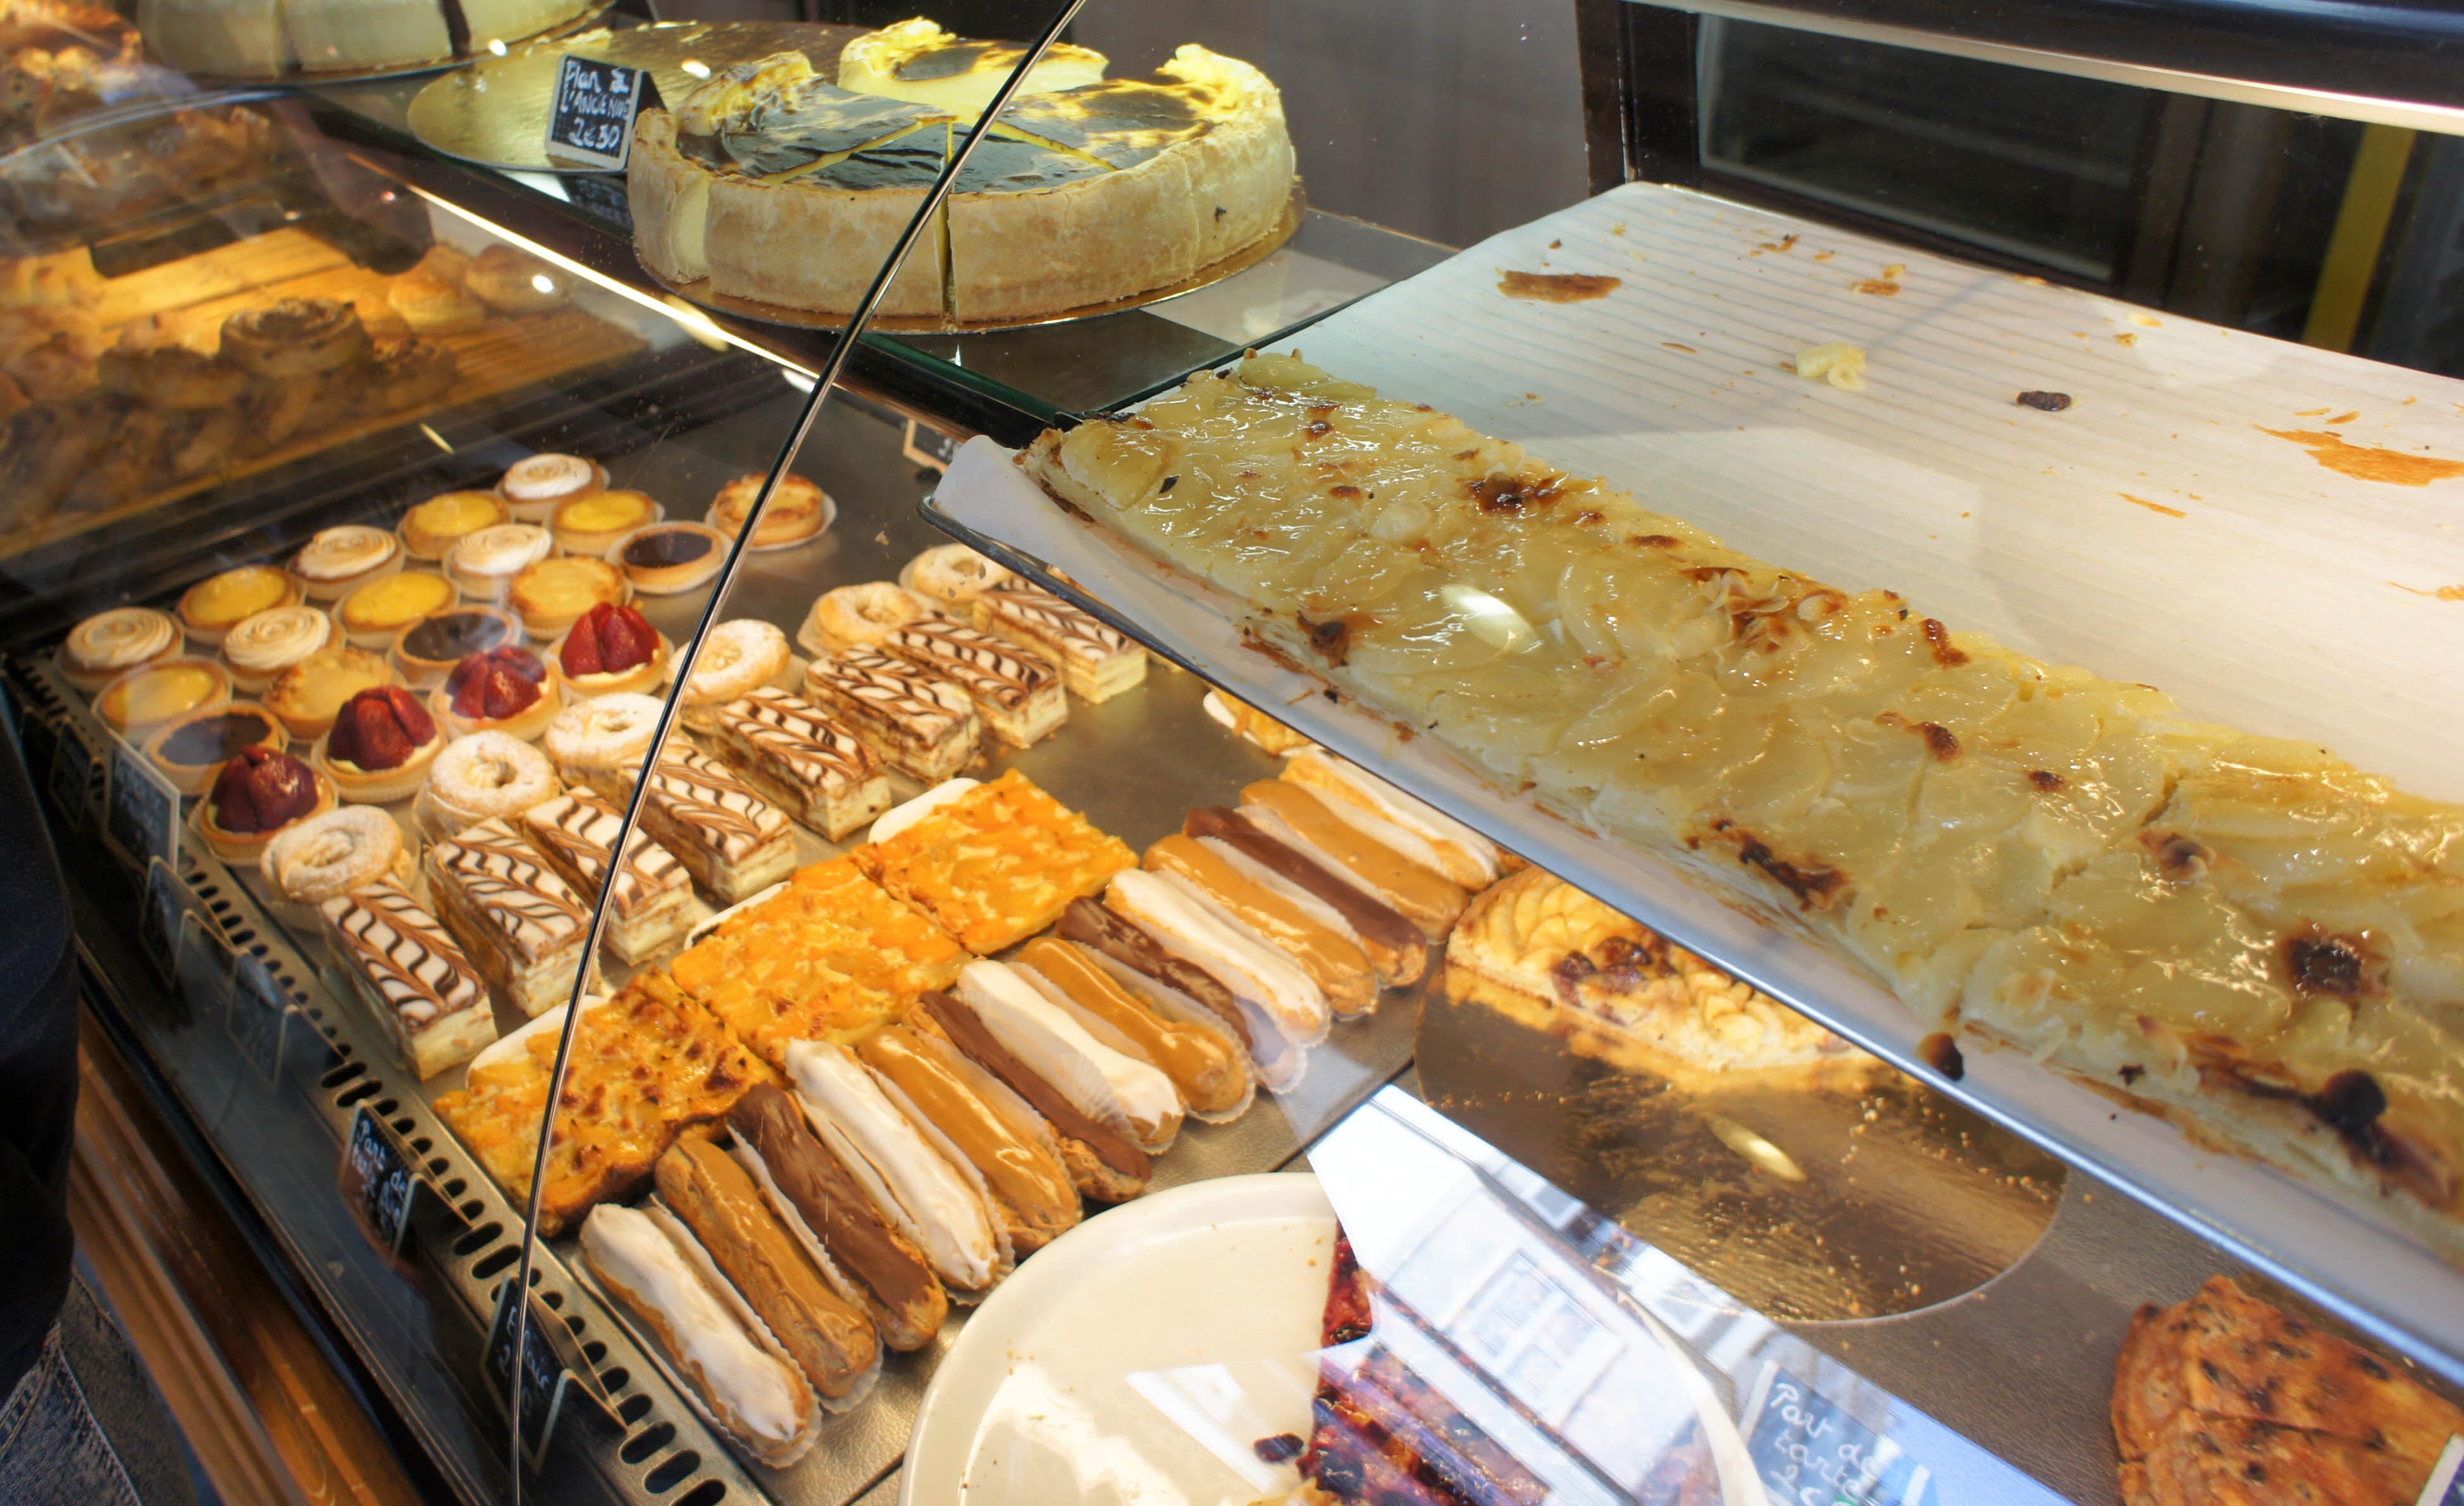 Bonne boulangerie 75017